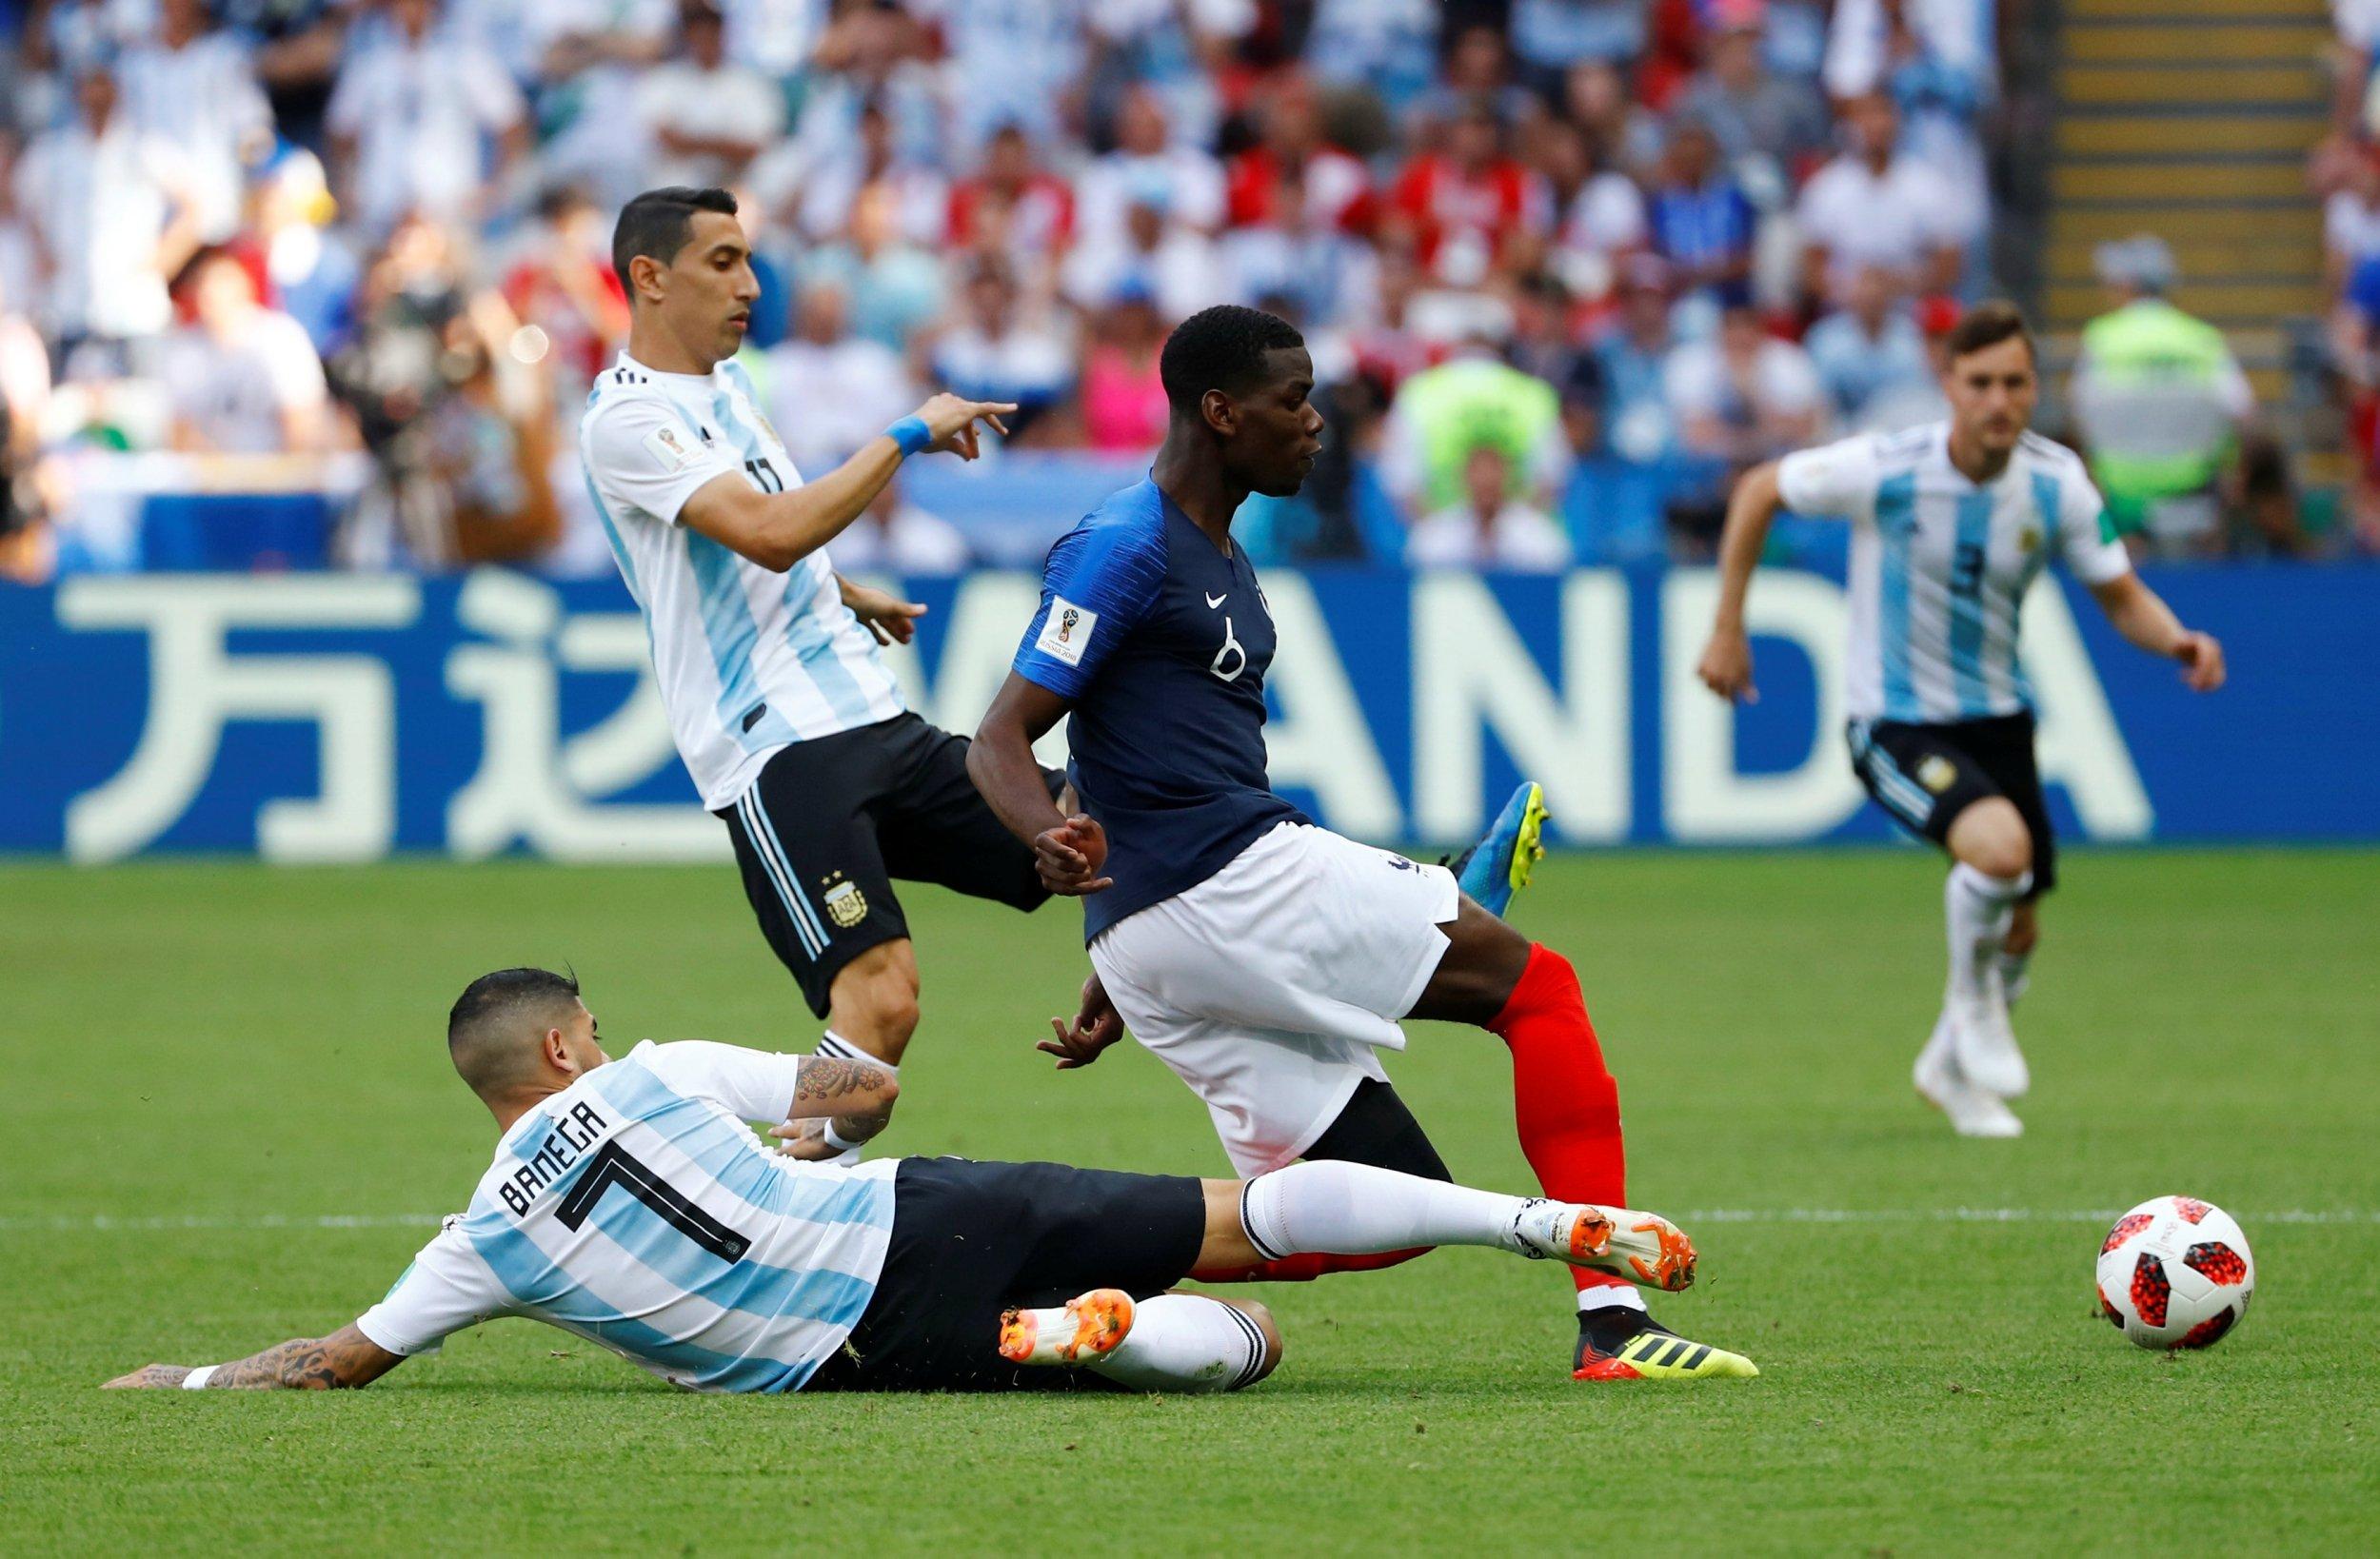 एमबापे बने जीत के नायक, अर्जेंटीना को 4-3 से हराकर फ्रांस विश्व कप के क्वार्टरफाइनल में 2